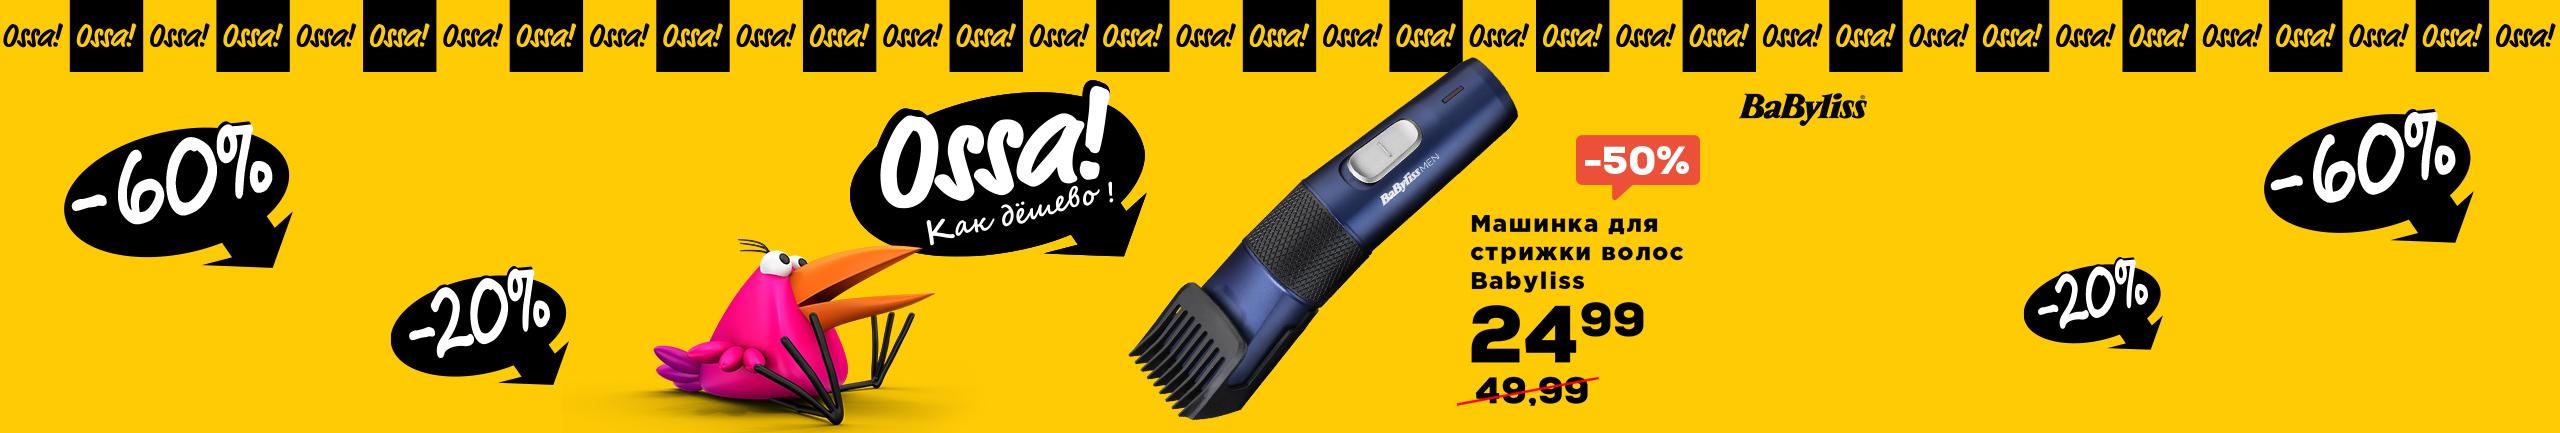 FrontPageSlider Ossa Машинка для стрижки волос Babyliss